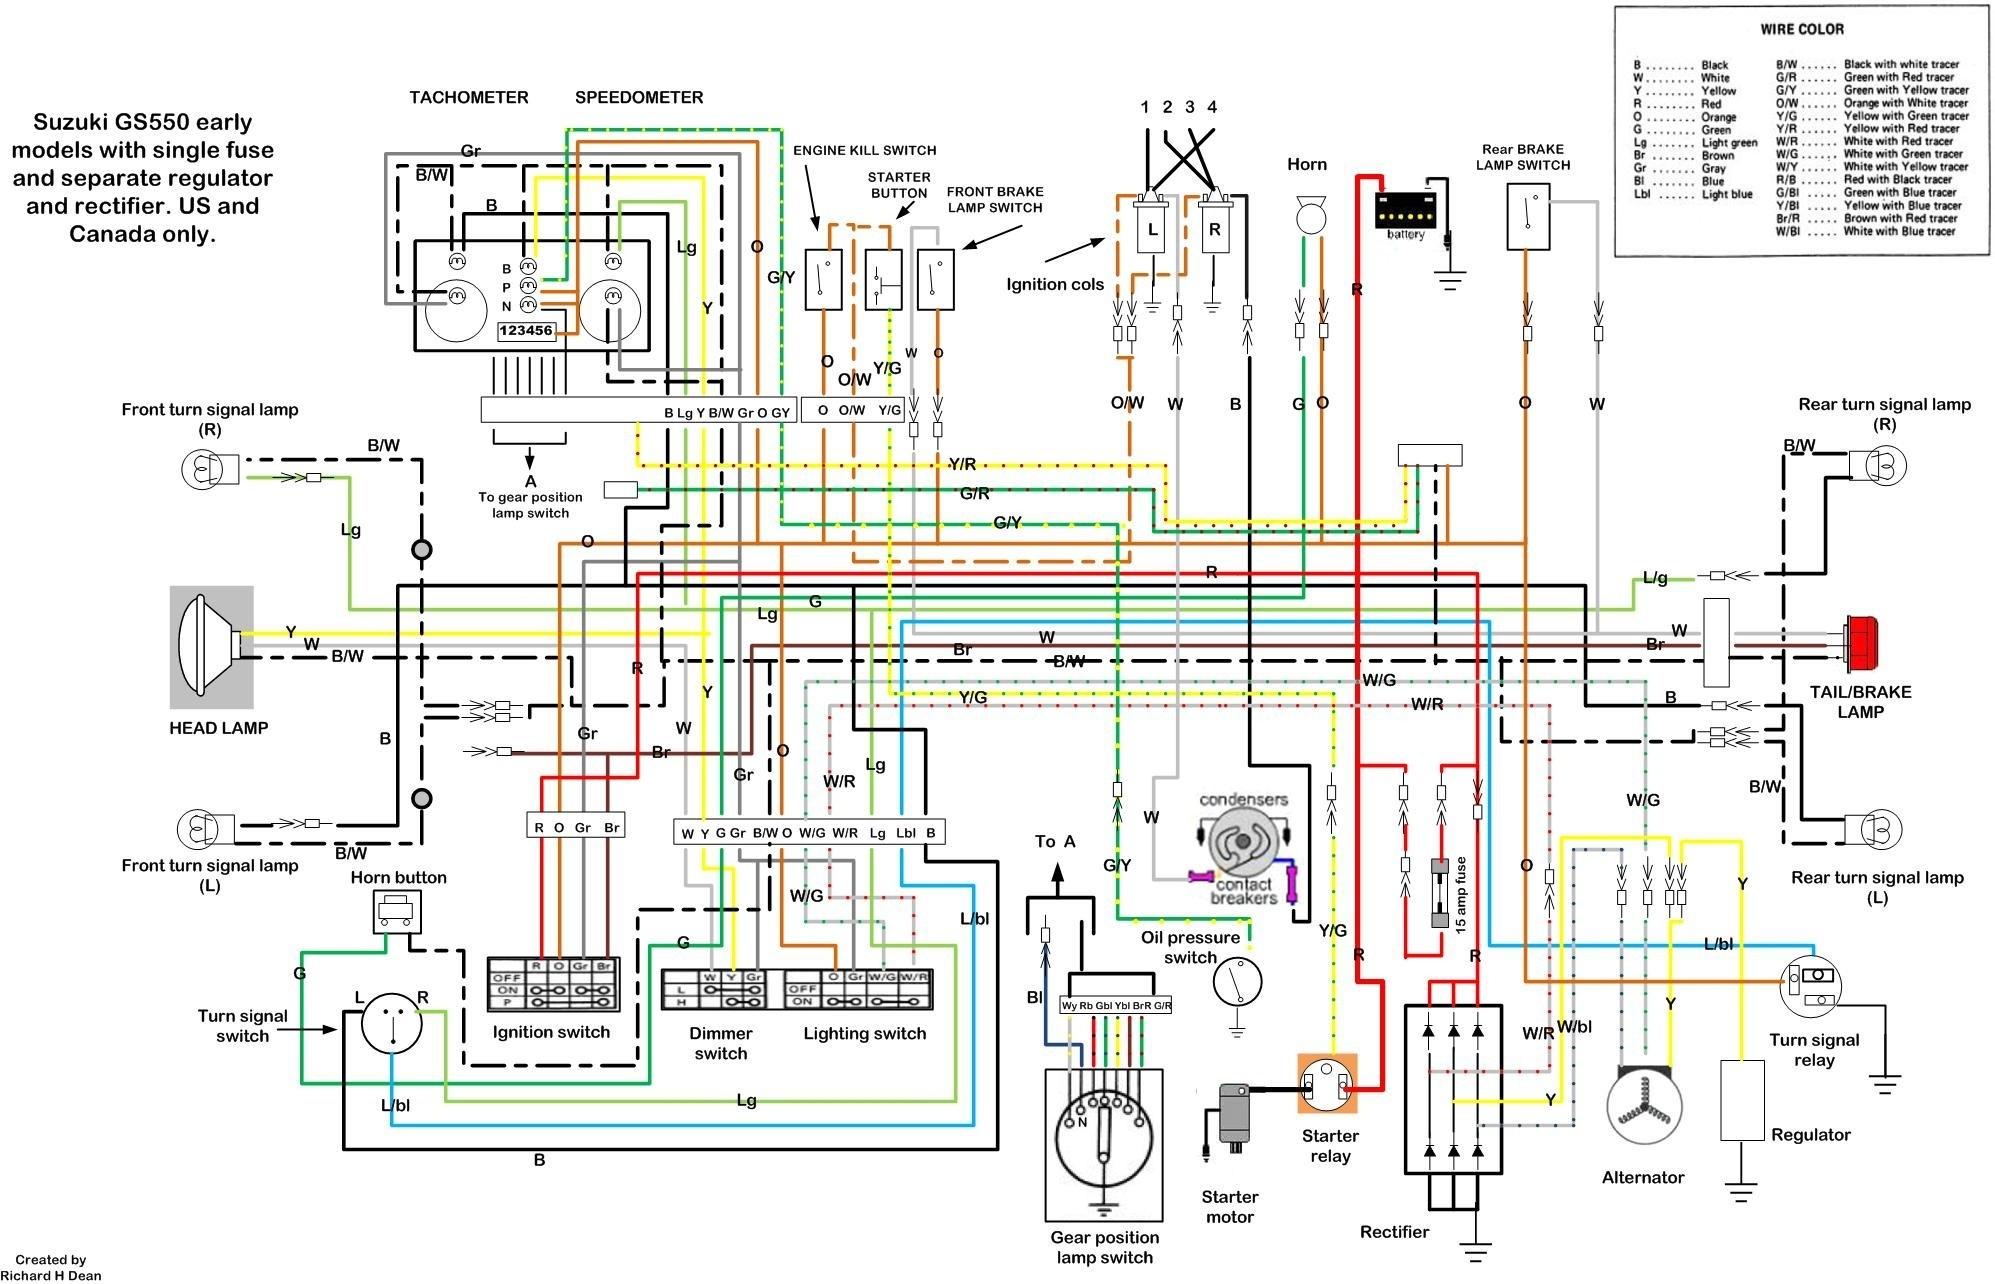 zx6e wiring diagram zx6e wiring diagram wiring diagrams site  zx6e wiring diagram wiring diagrams site